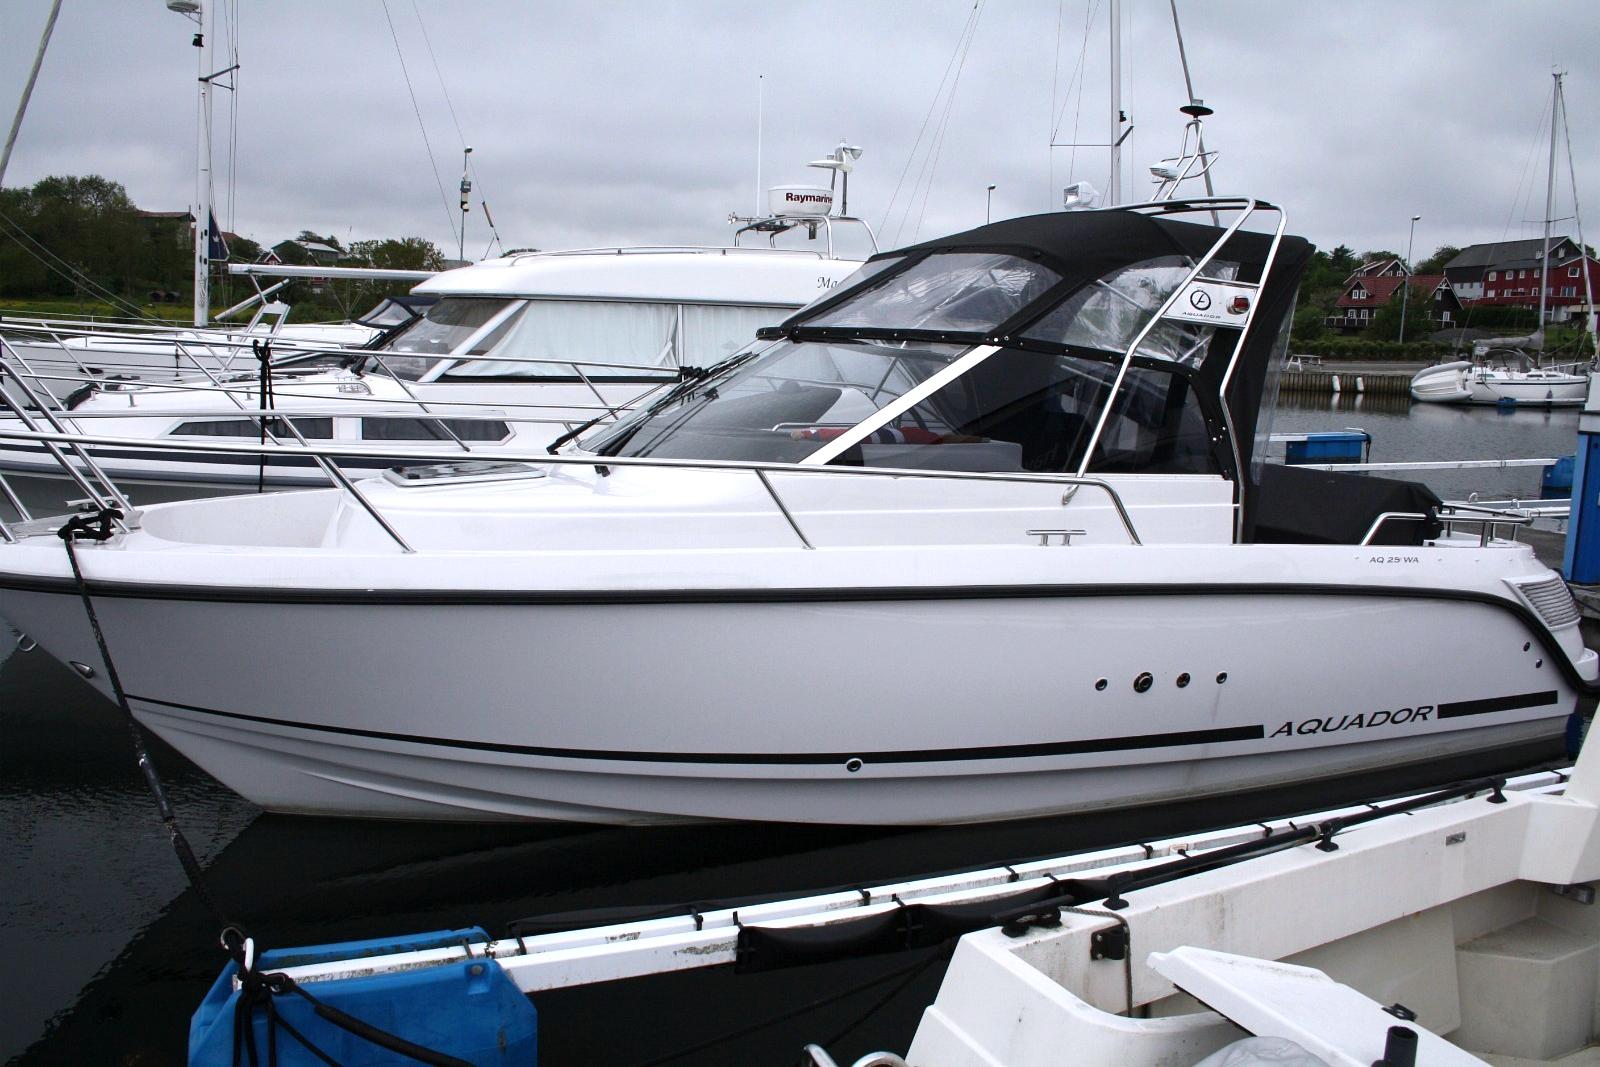 Aquador 25 WA